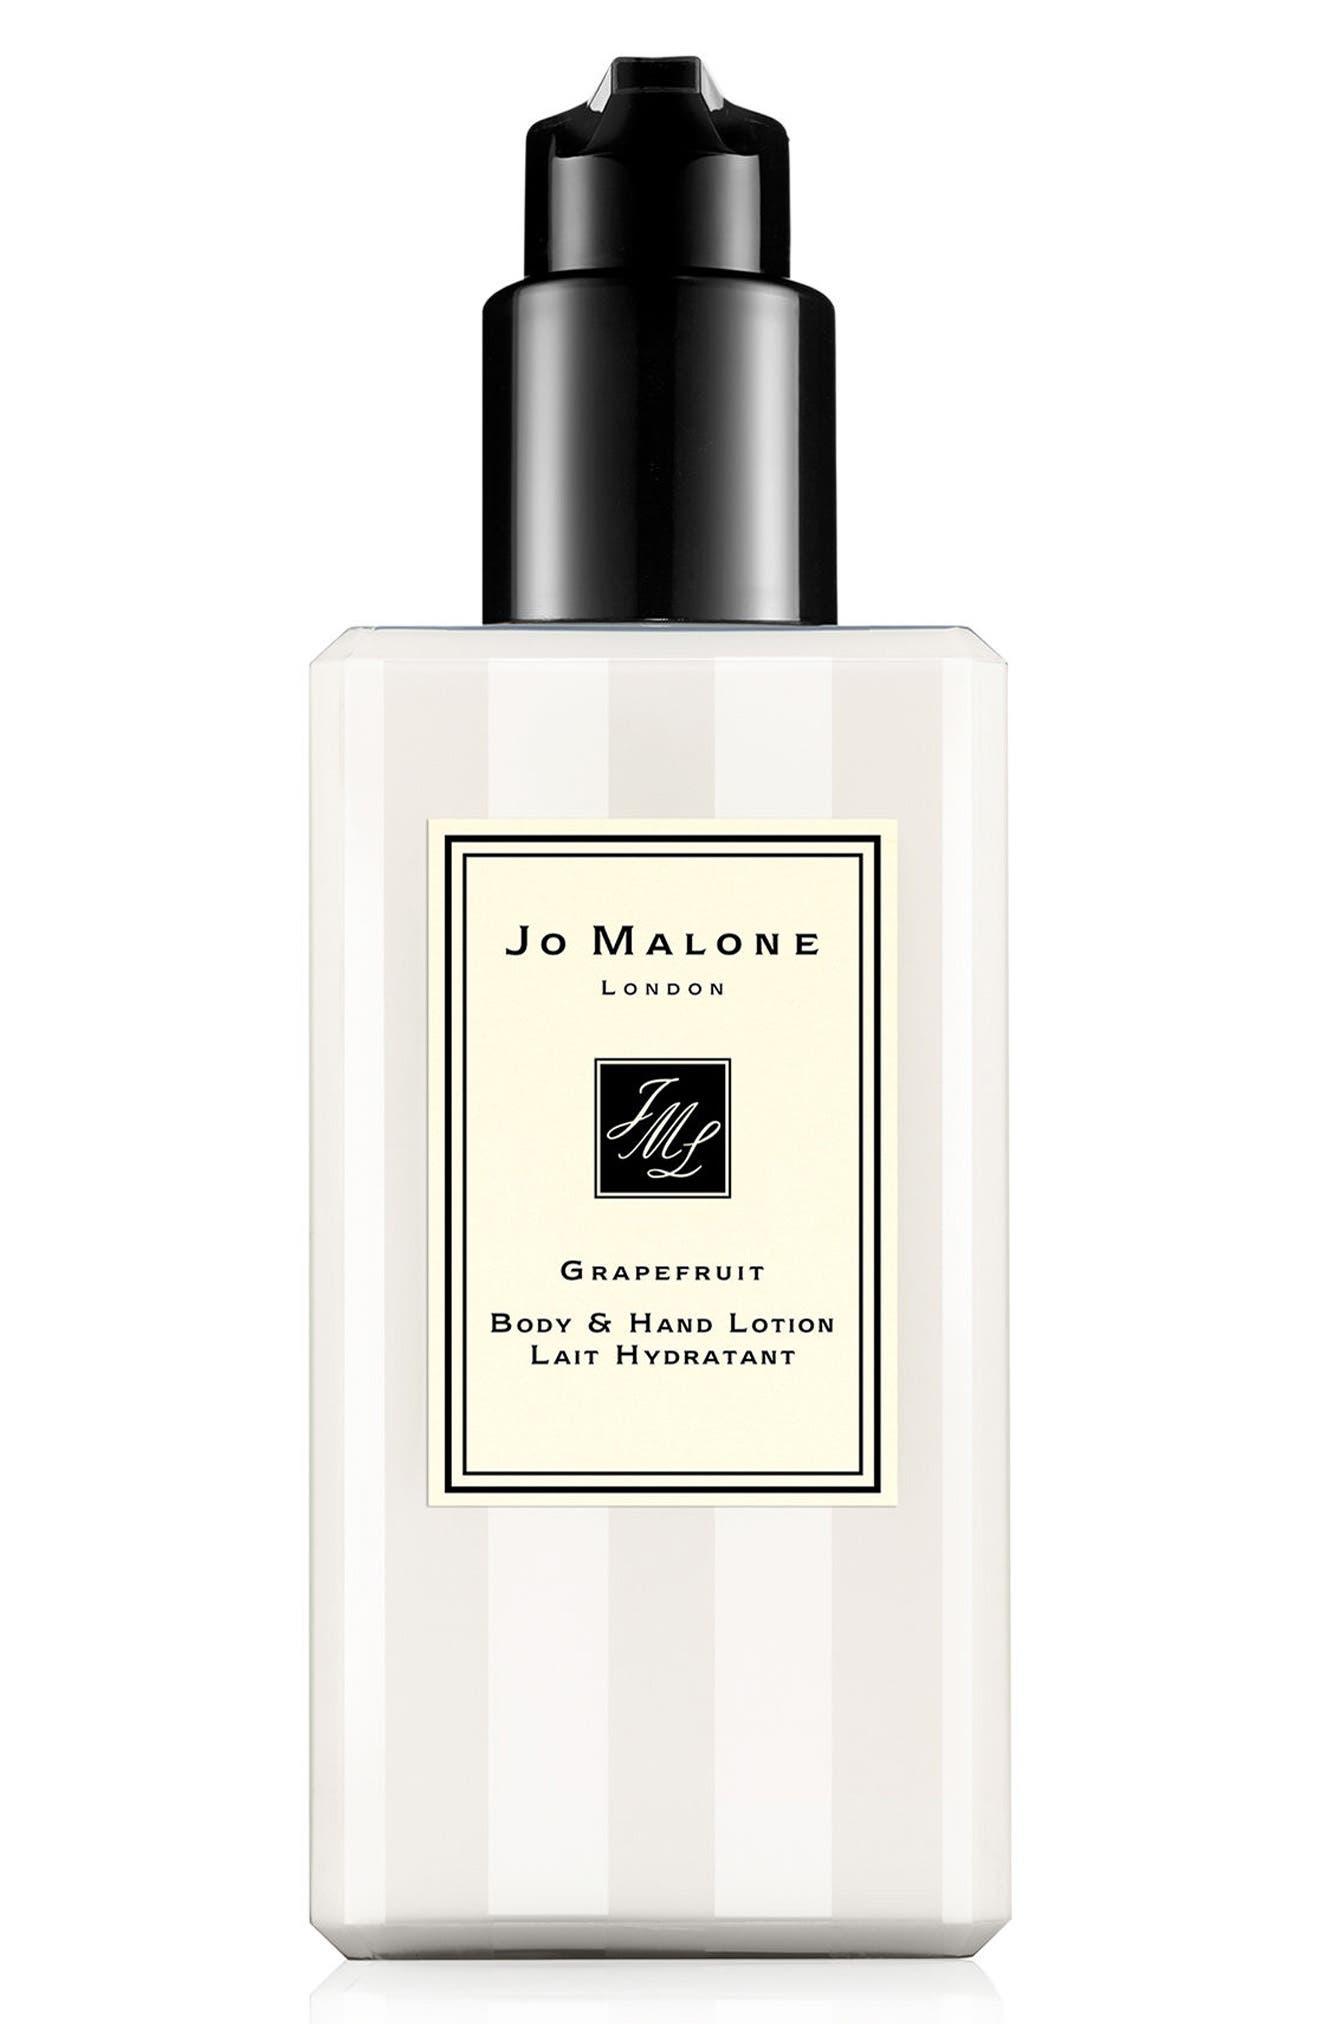 Jo Malone London™ 'Grapefruit' Body Lotion